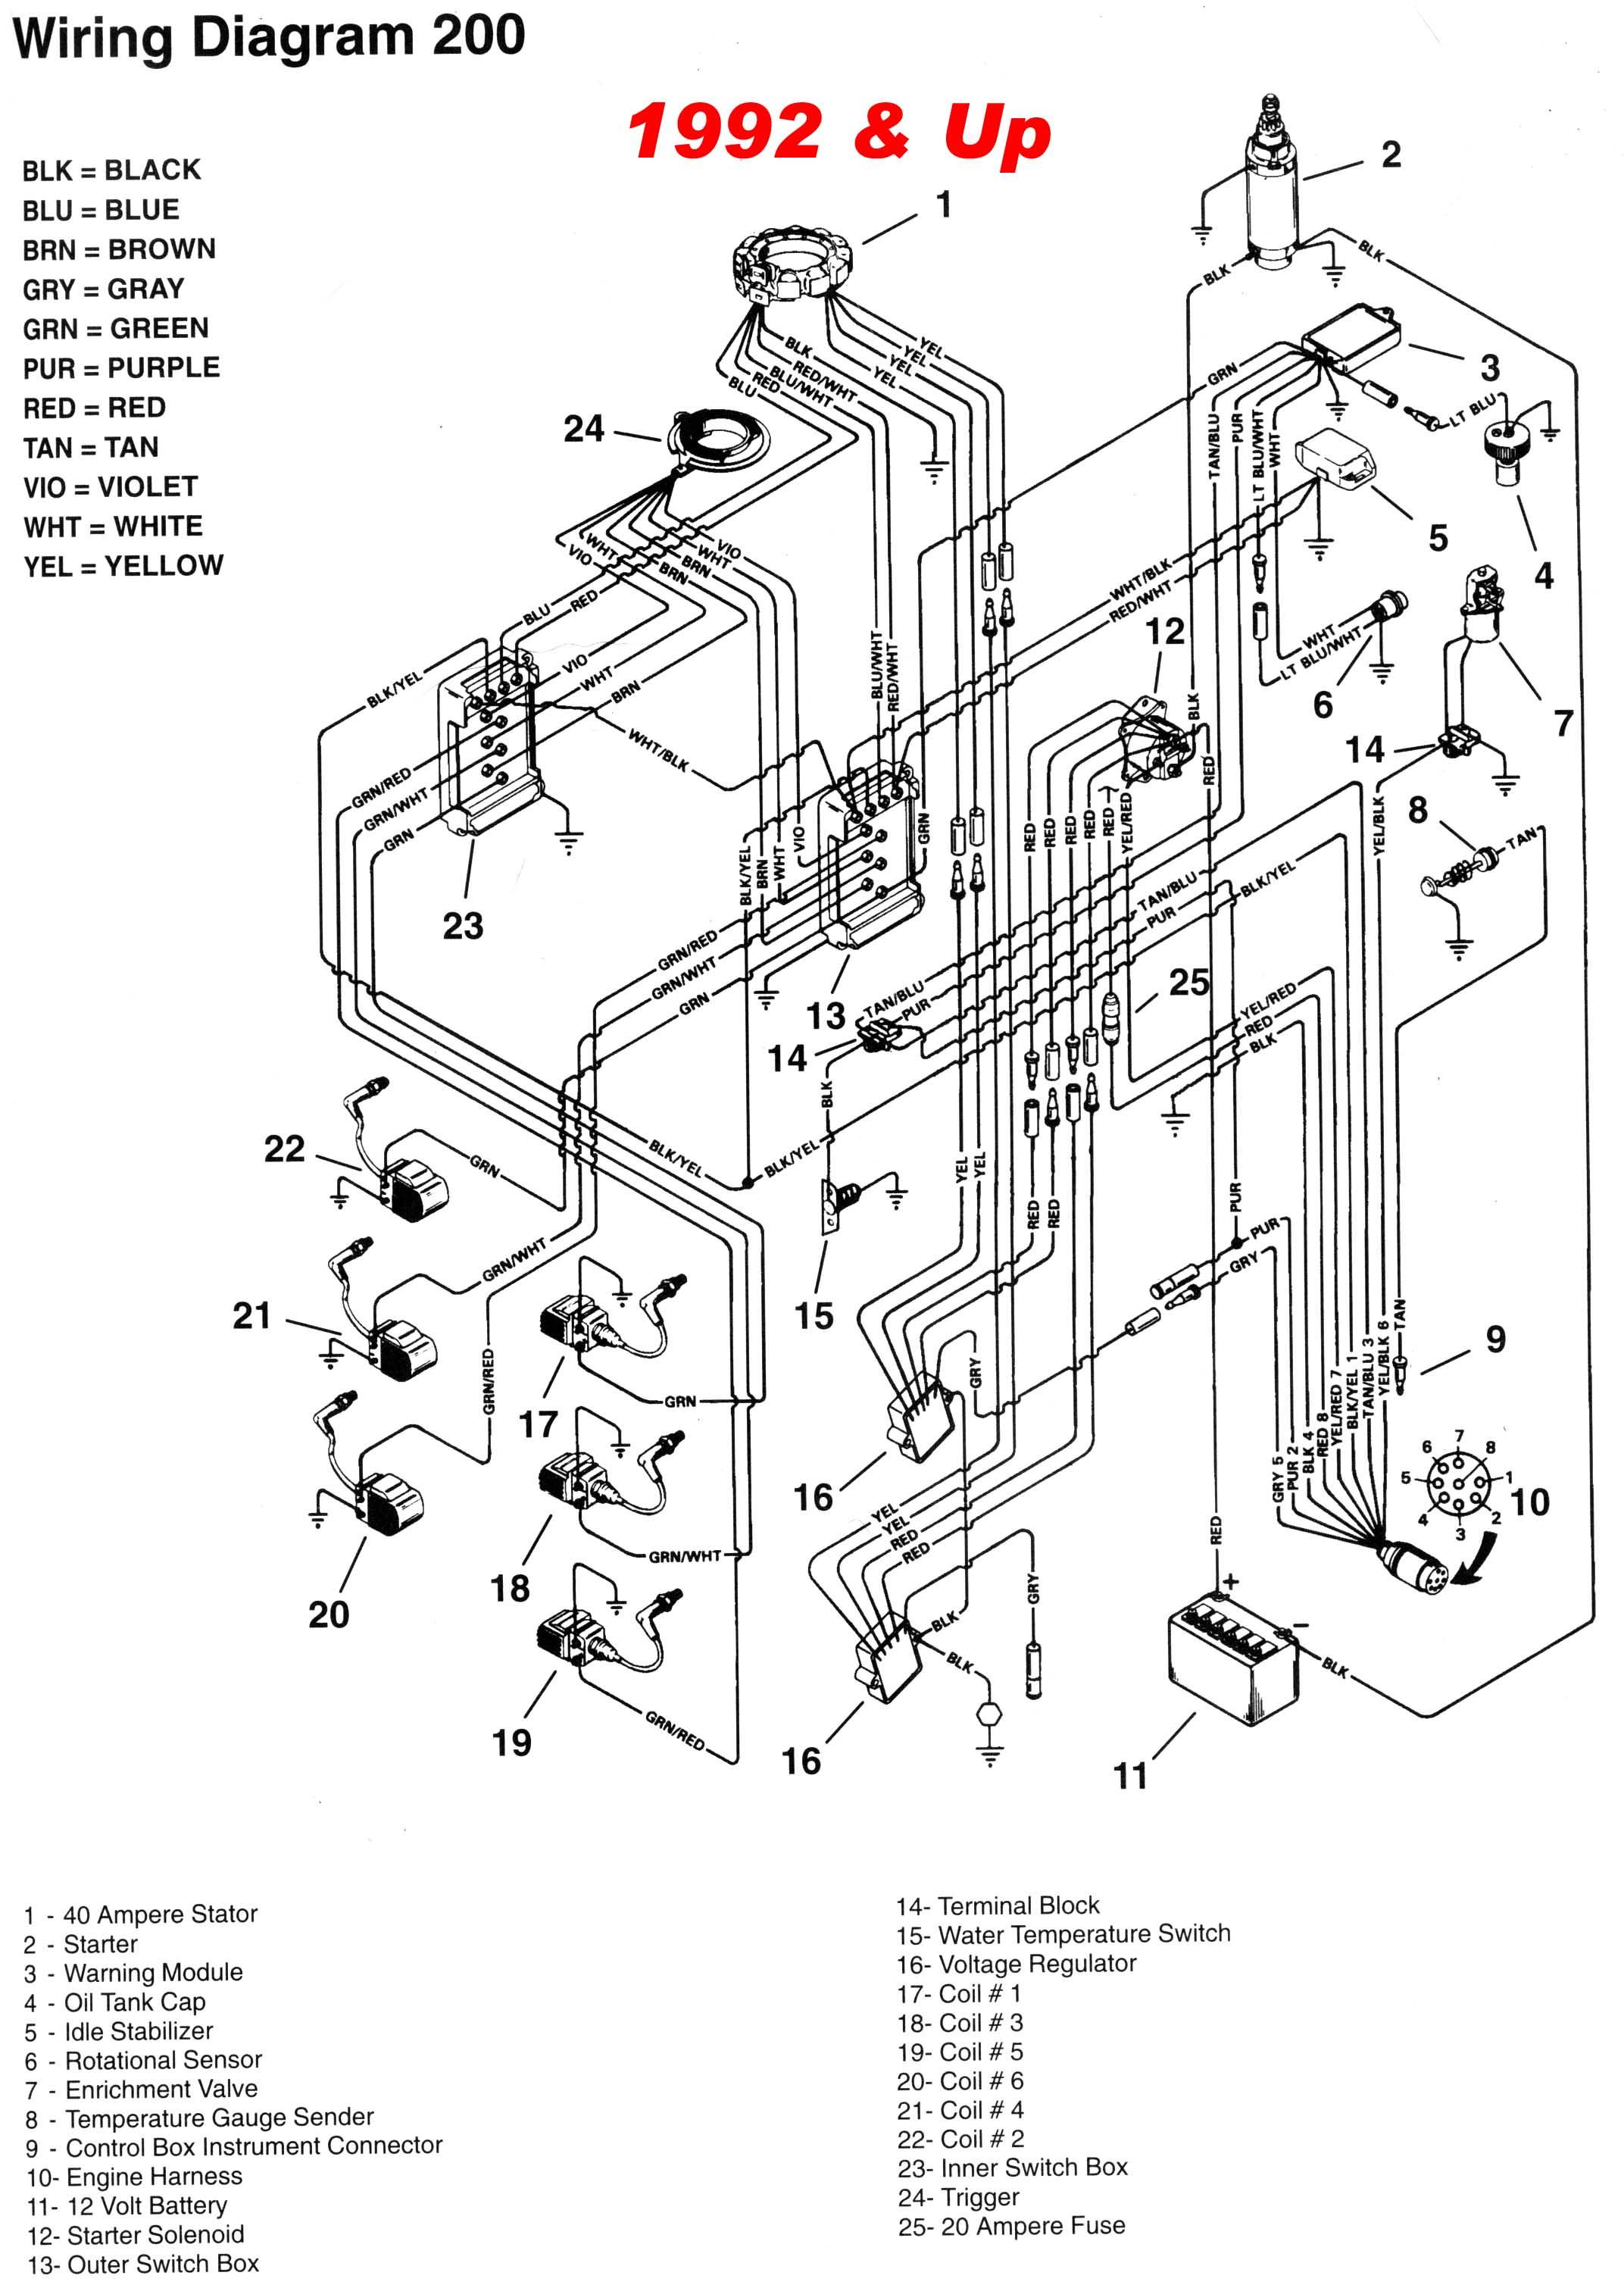 Suzuki Outboard Wiring Harness Diagram - Wiring Diagram Detailed - Yamaha Outboard Wiring Harness Diagram